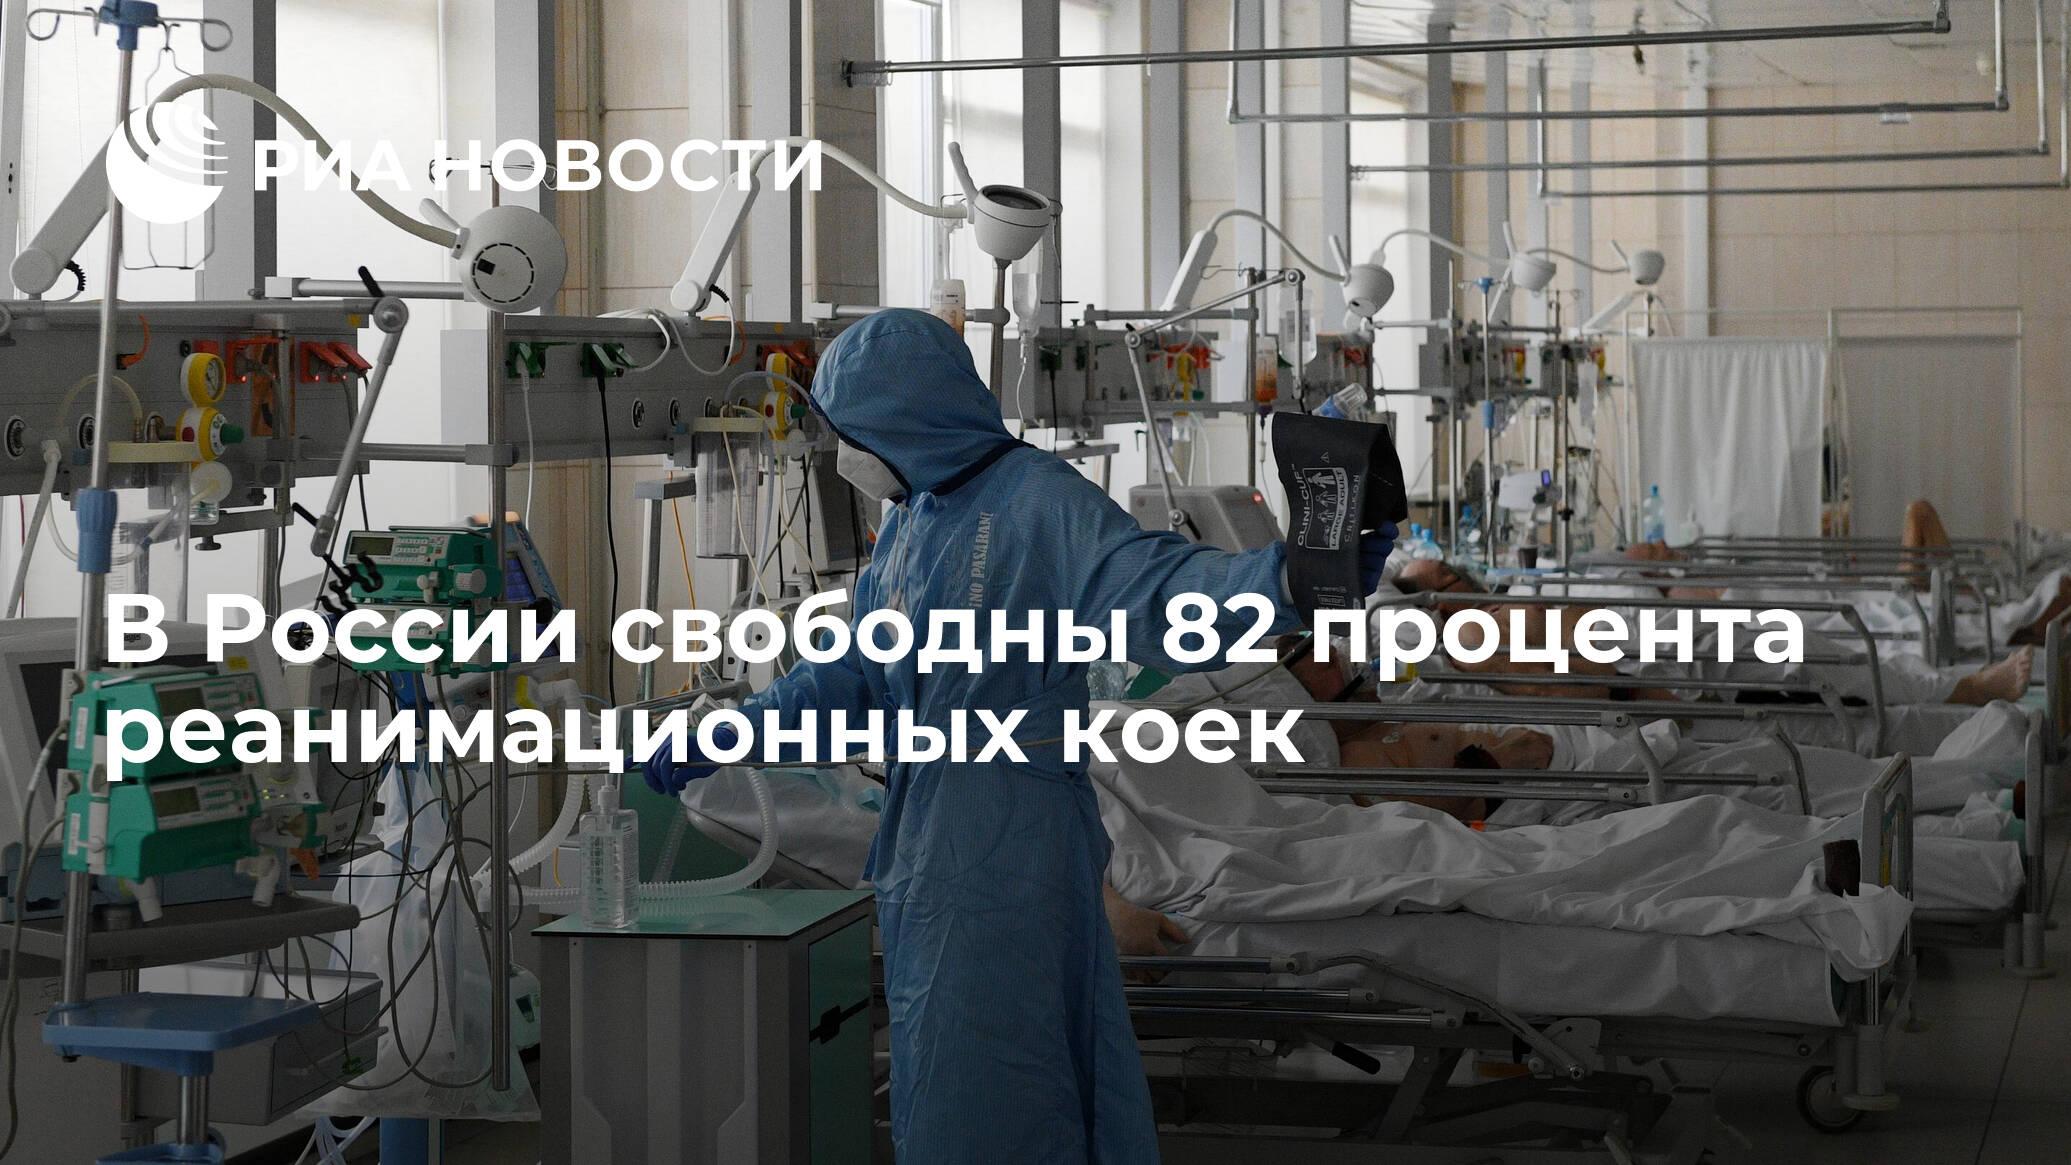 В России свободны 82 процента реанимационных коек